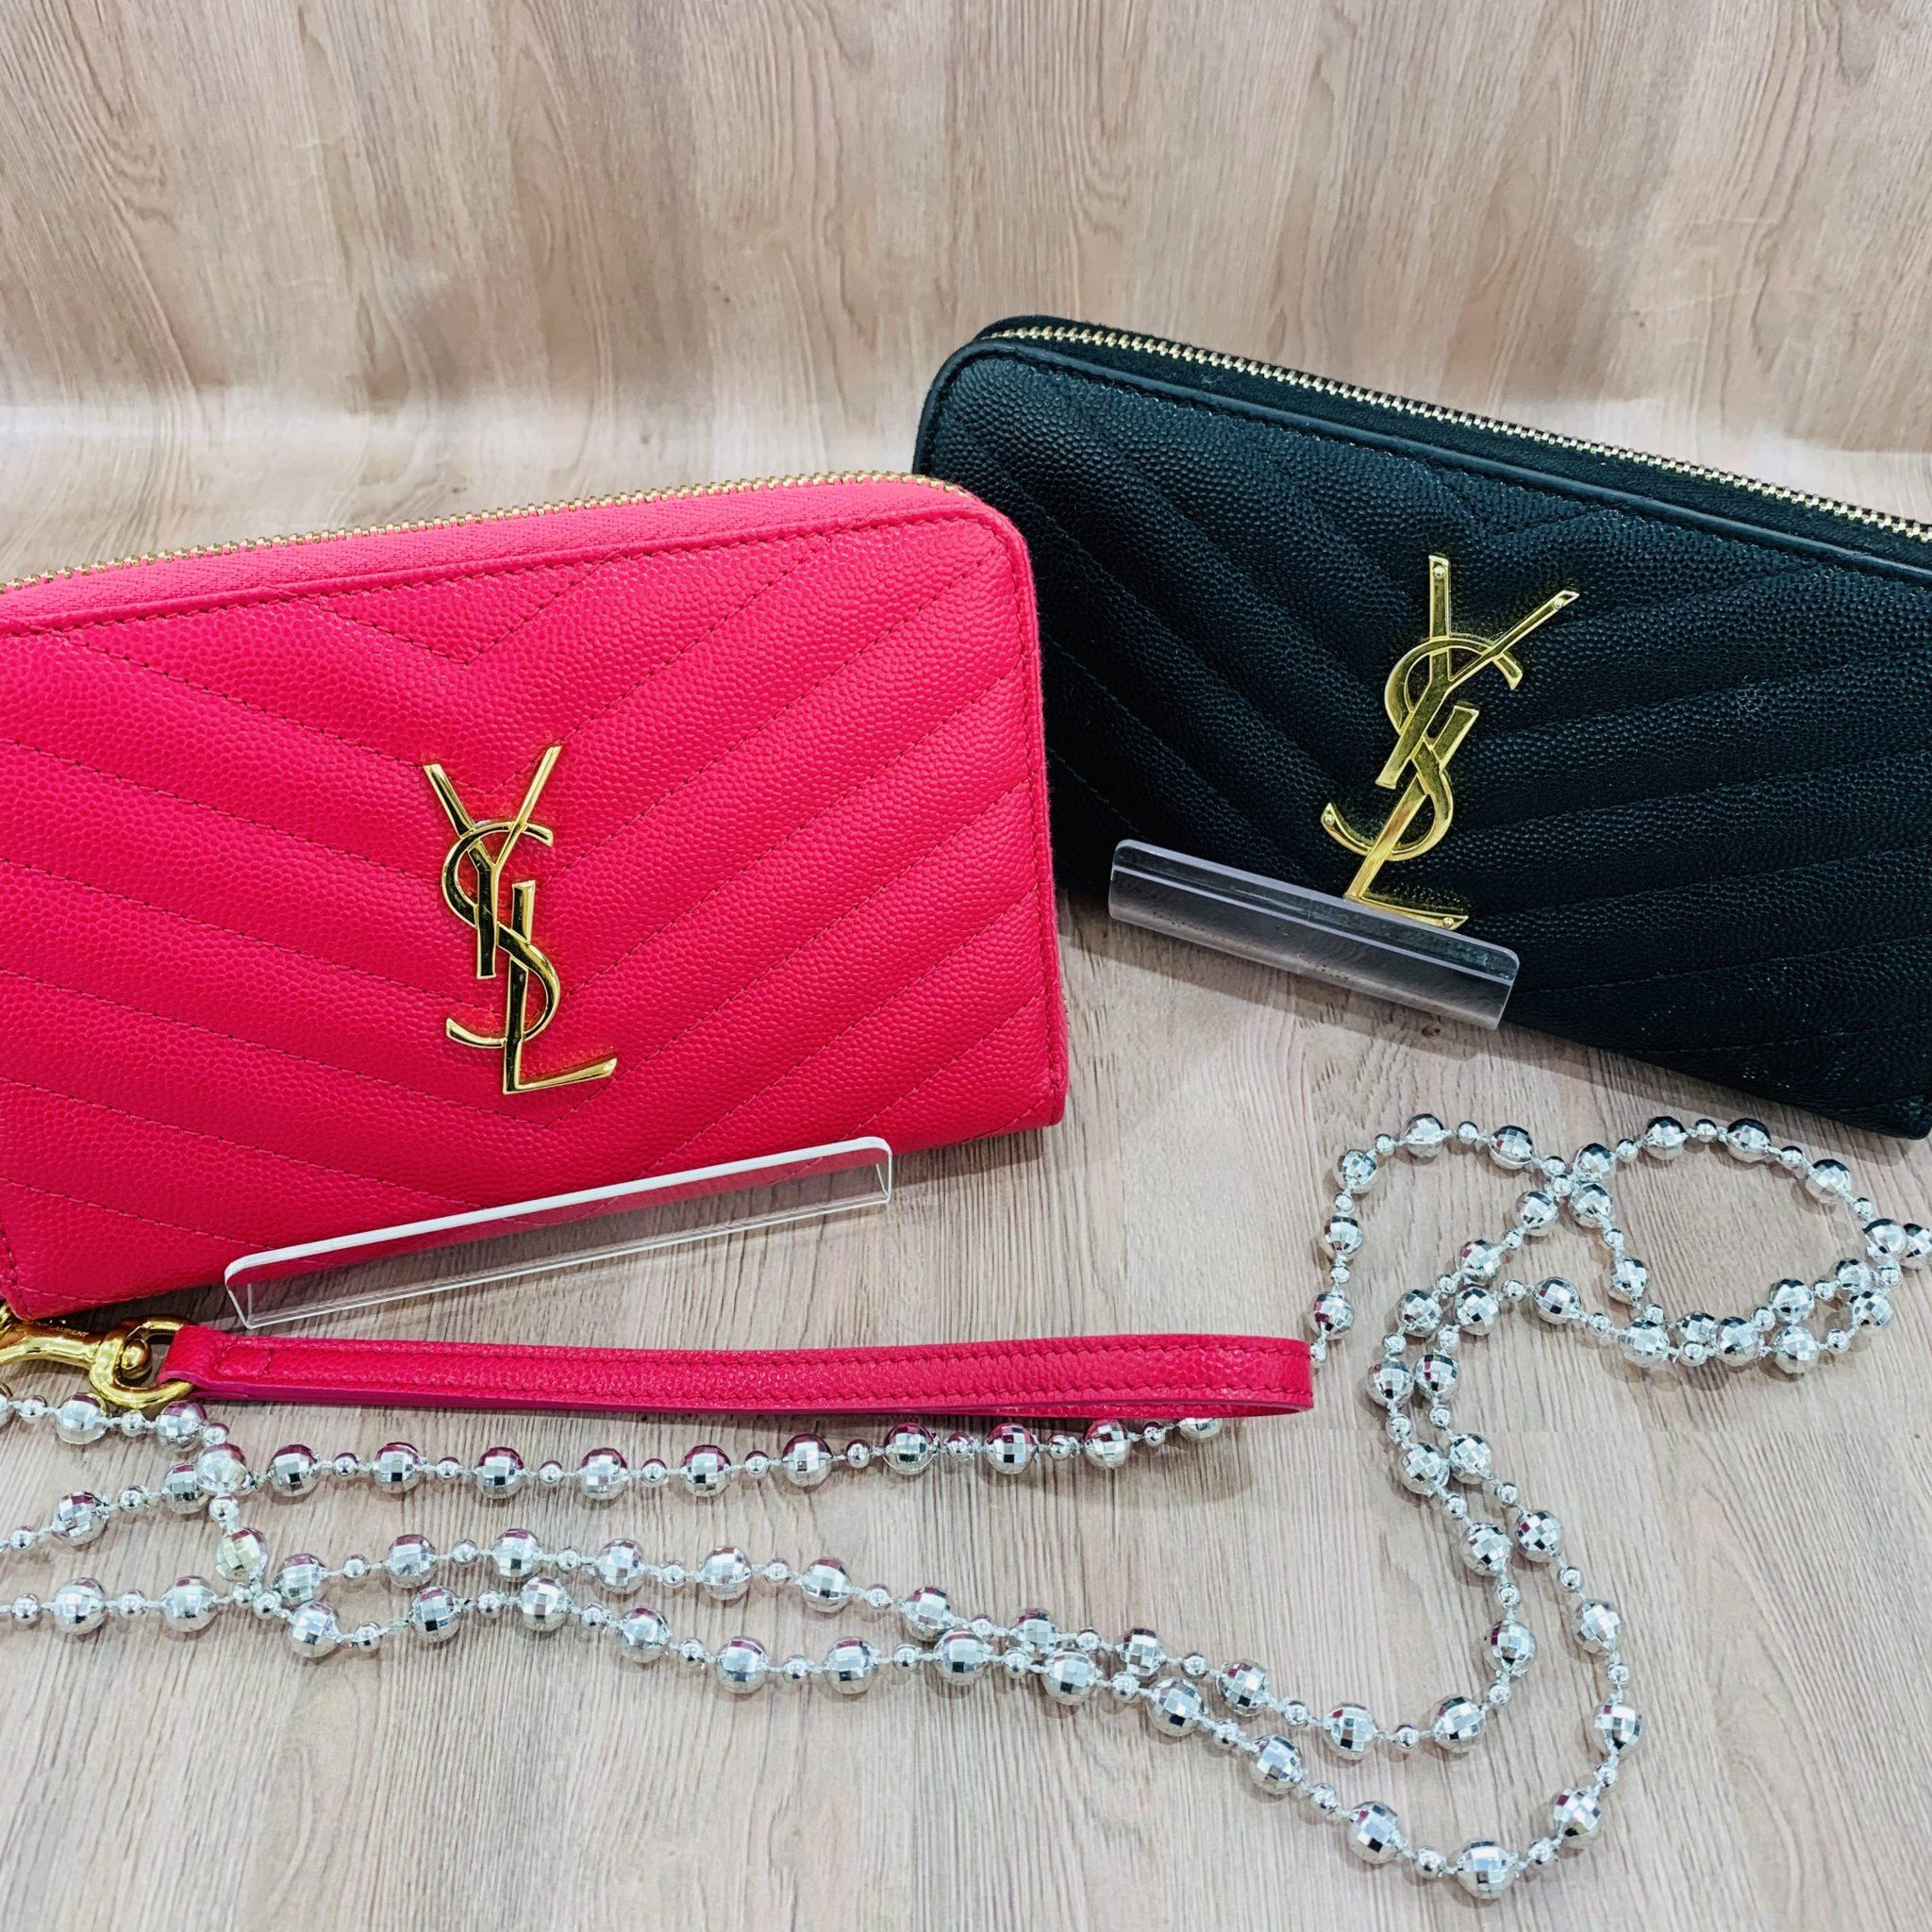 【ブランド 販売 盛岡】オススメのブランド【SAINT LAURENT】のお財布はいかがですか?